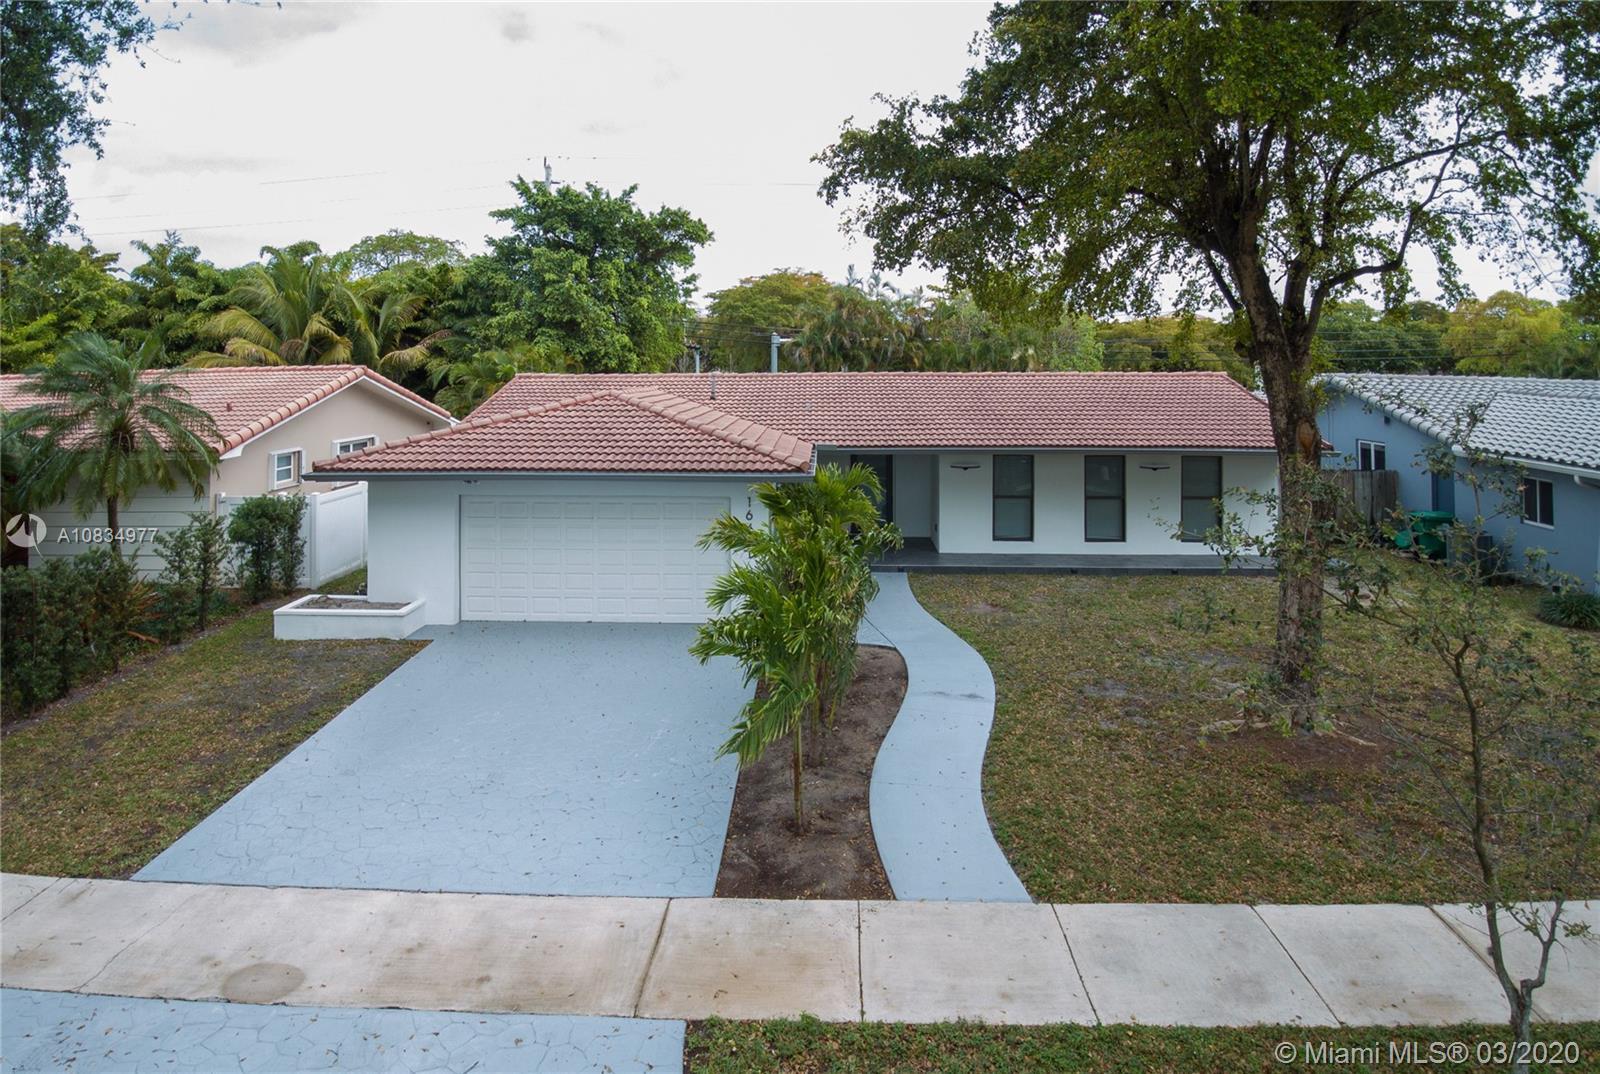 16431 Stonehaven Rd, Miami Lakes, FL 33014